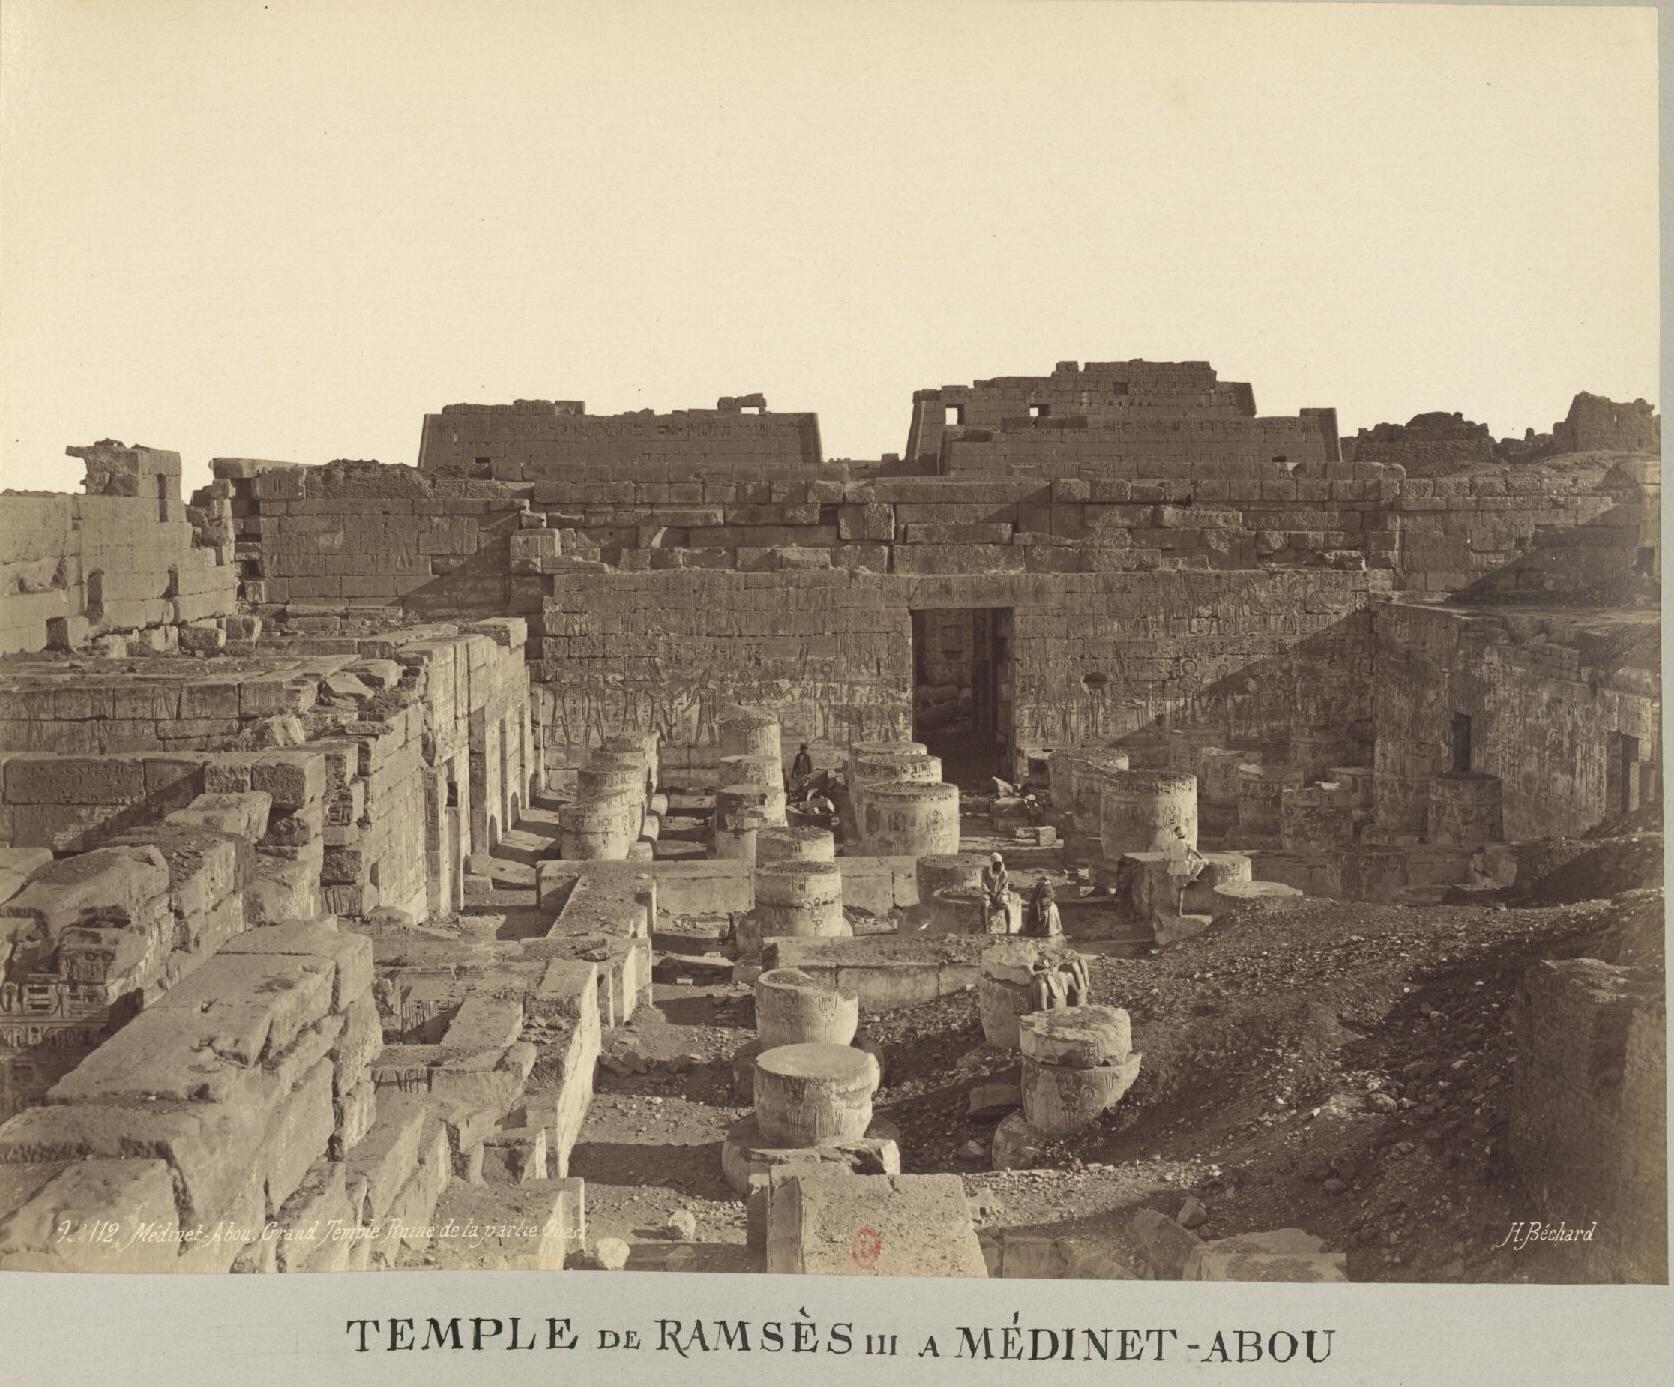 Мединет-Абу. Погребальный храм Рамсеса III.  Руины западной части